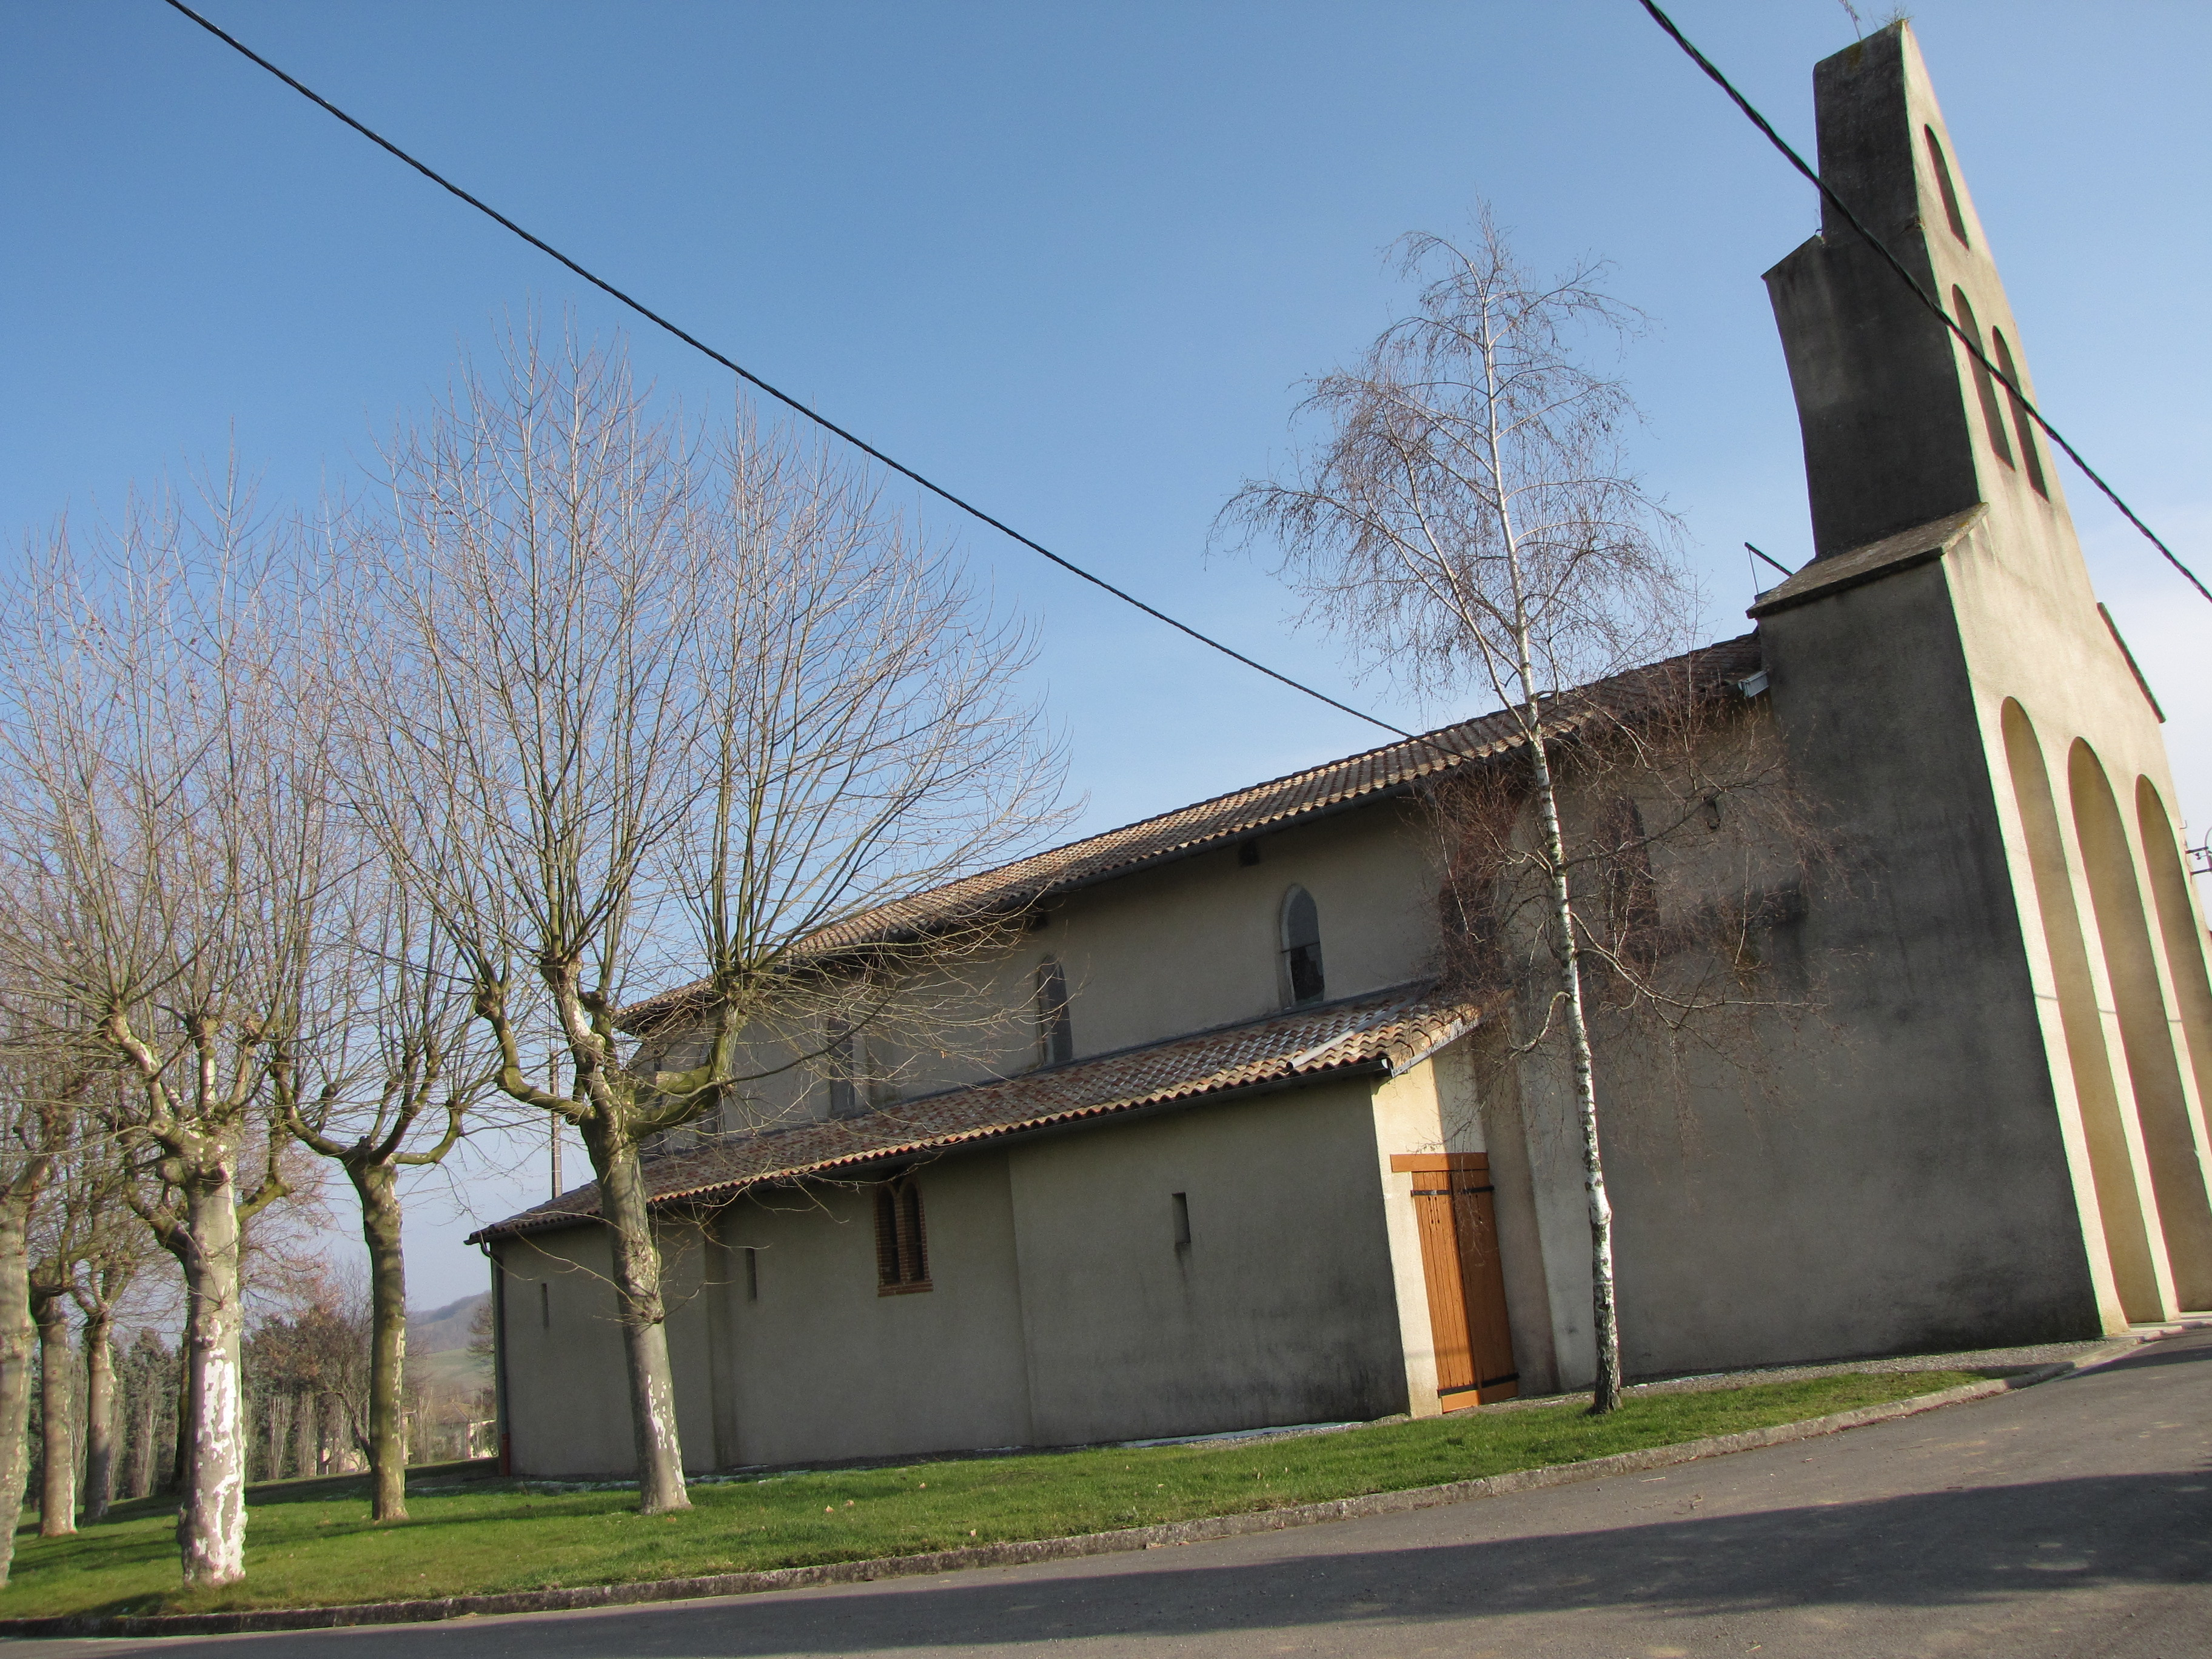 Pouy-de-Touges